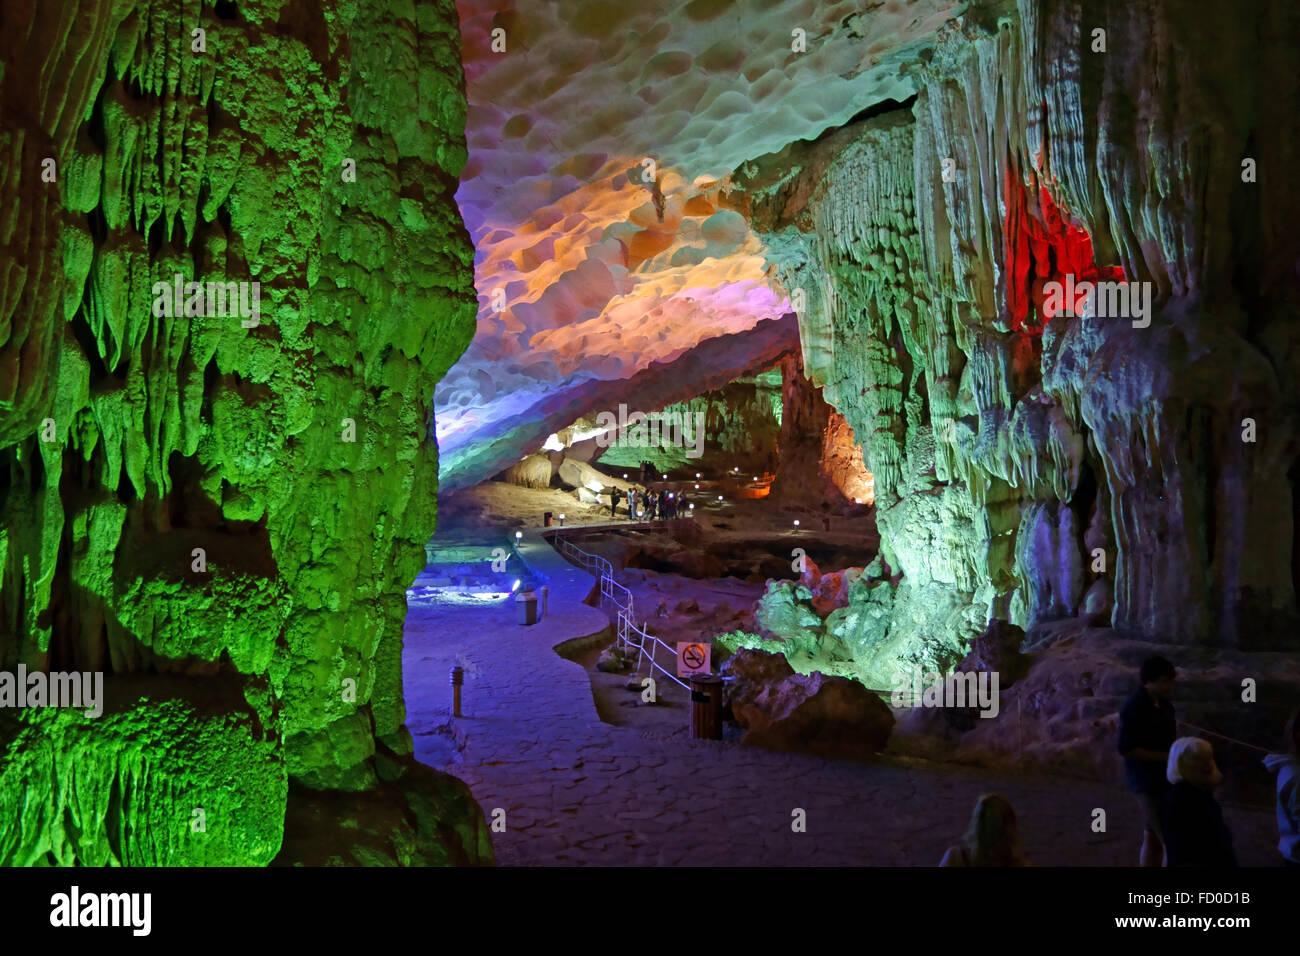 Les visiteurs dans une grande grotte avec des stalactites et stalagmites, Grotte Dau Go, dans un karst calcaire Photo Stock